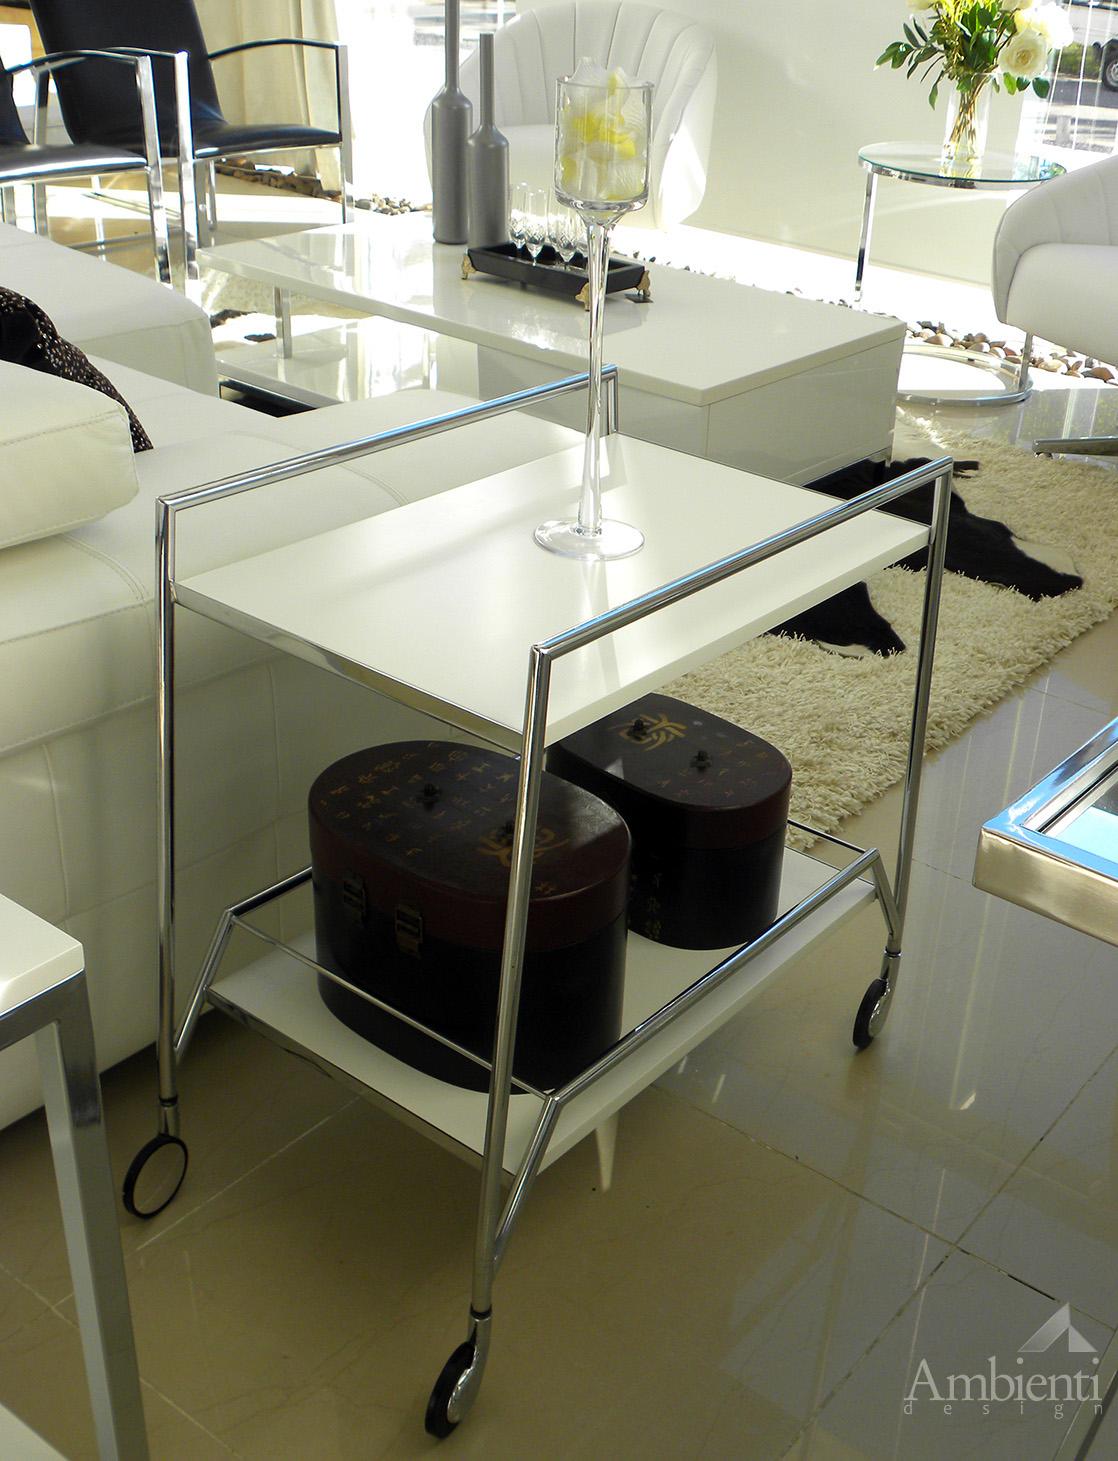 Ambienti living mobiliario en punta del este for Muebles en punta del este uruguay